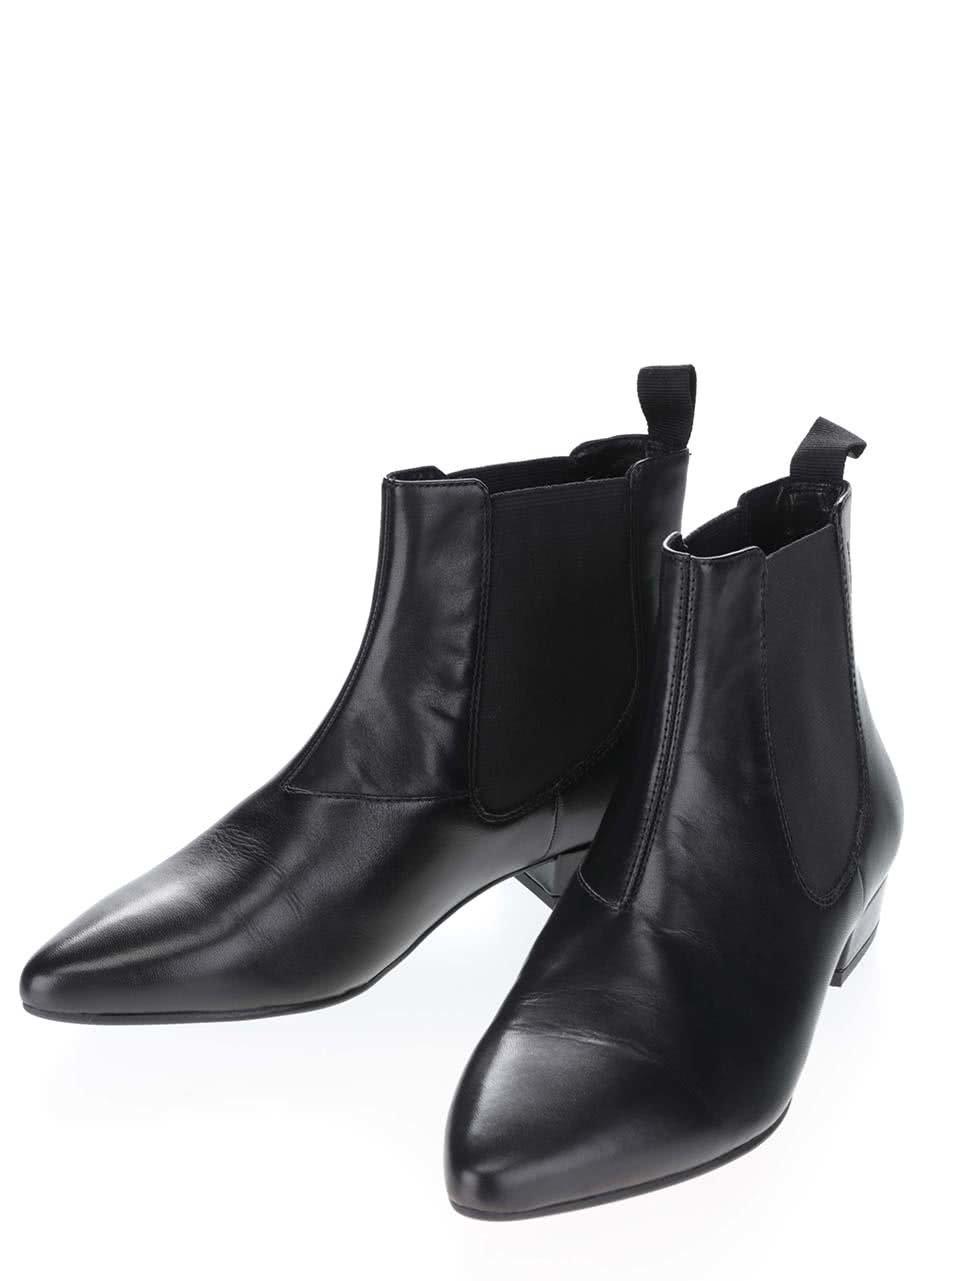 Čierne dámske kožené chelsea topánky Vagabond Sarah ... 38047b06d3c